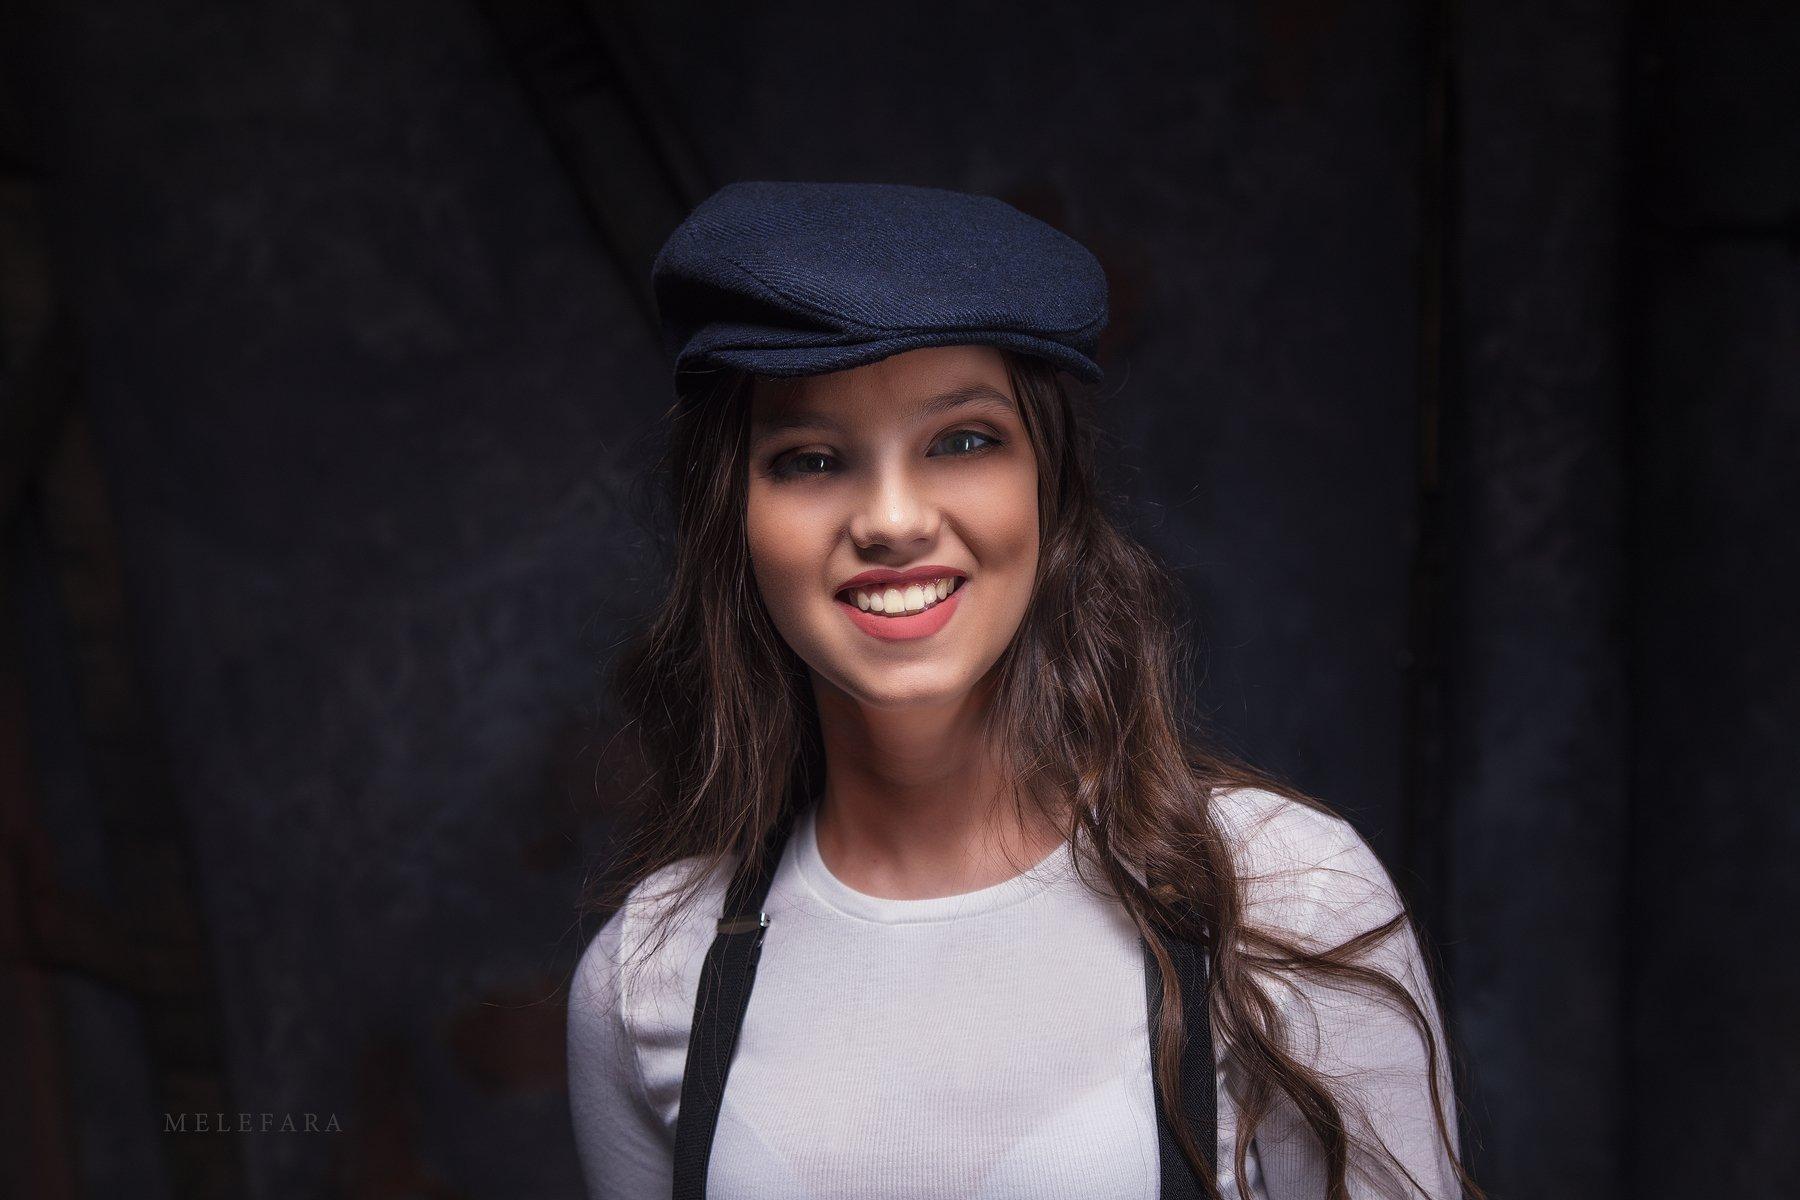 портрет, portrait, woman, beautiful, красивая , жизнь , life, Сергей Мелефара